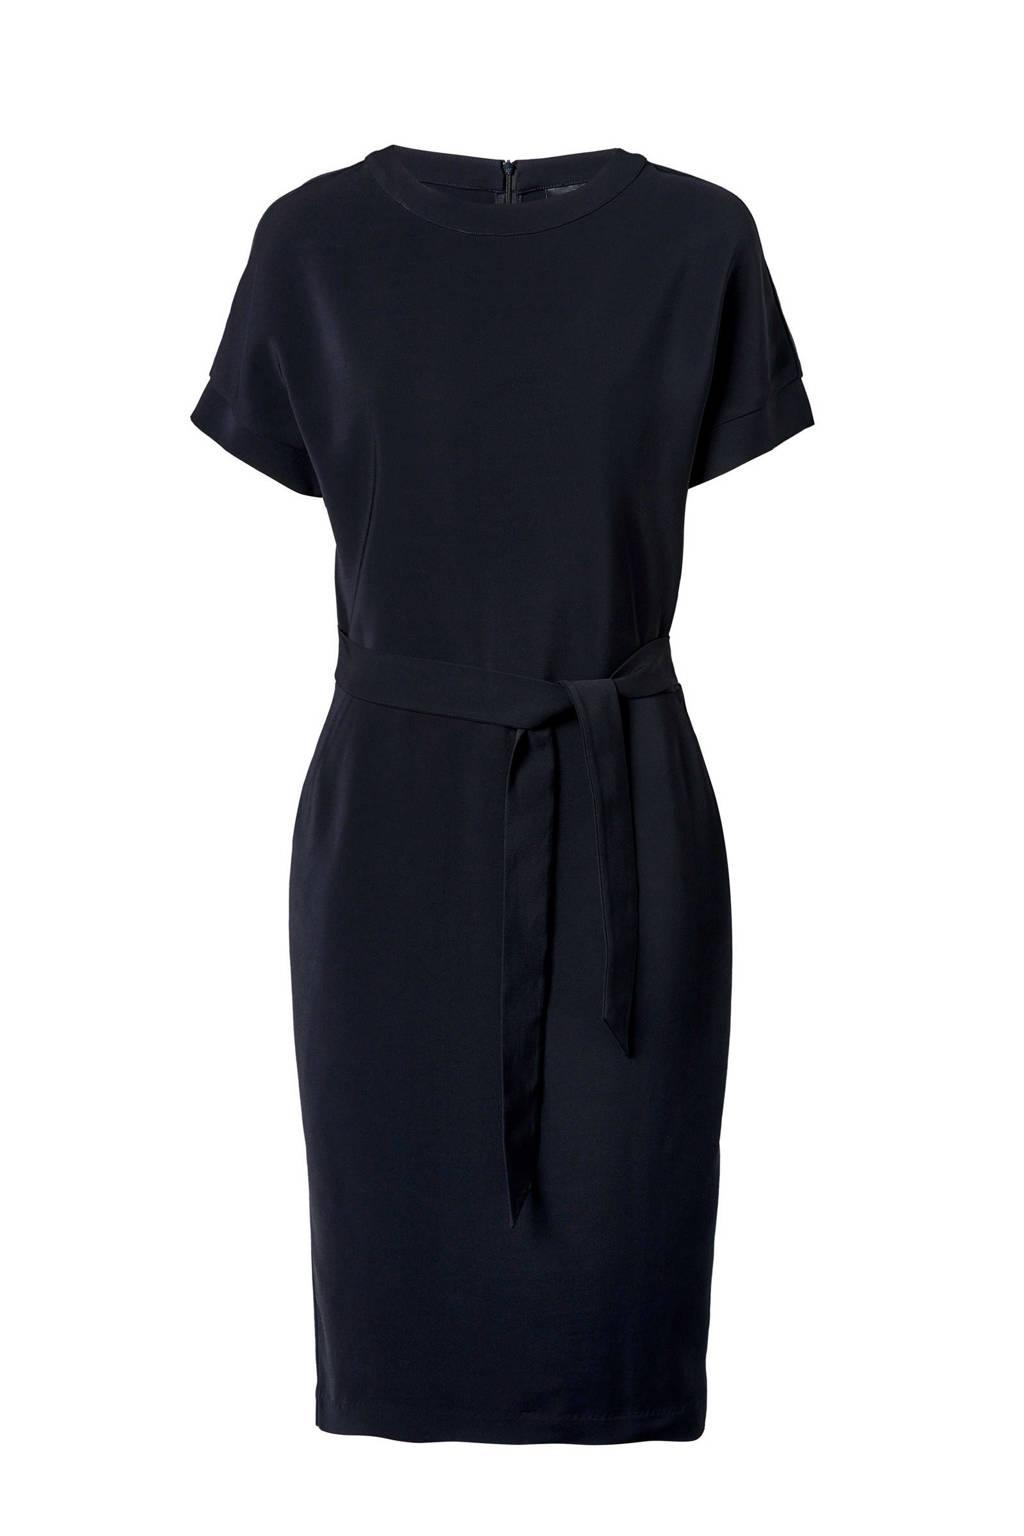 Mart Visser jurk met linnen zwart, Zwart